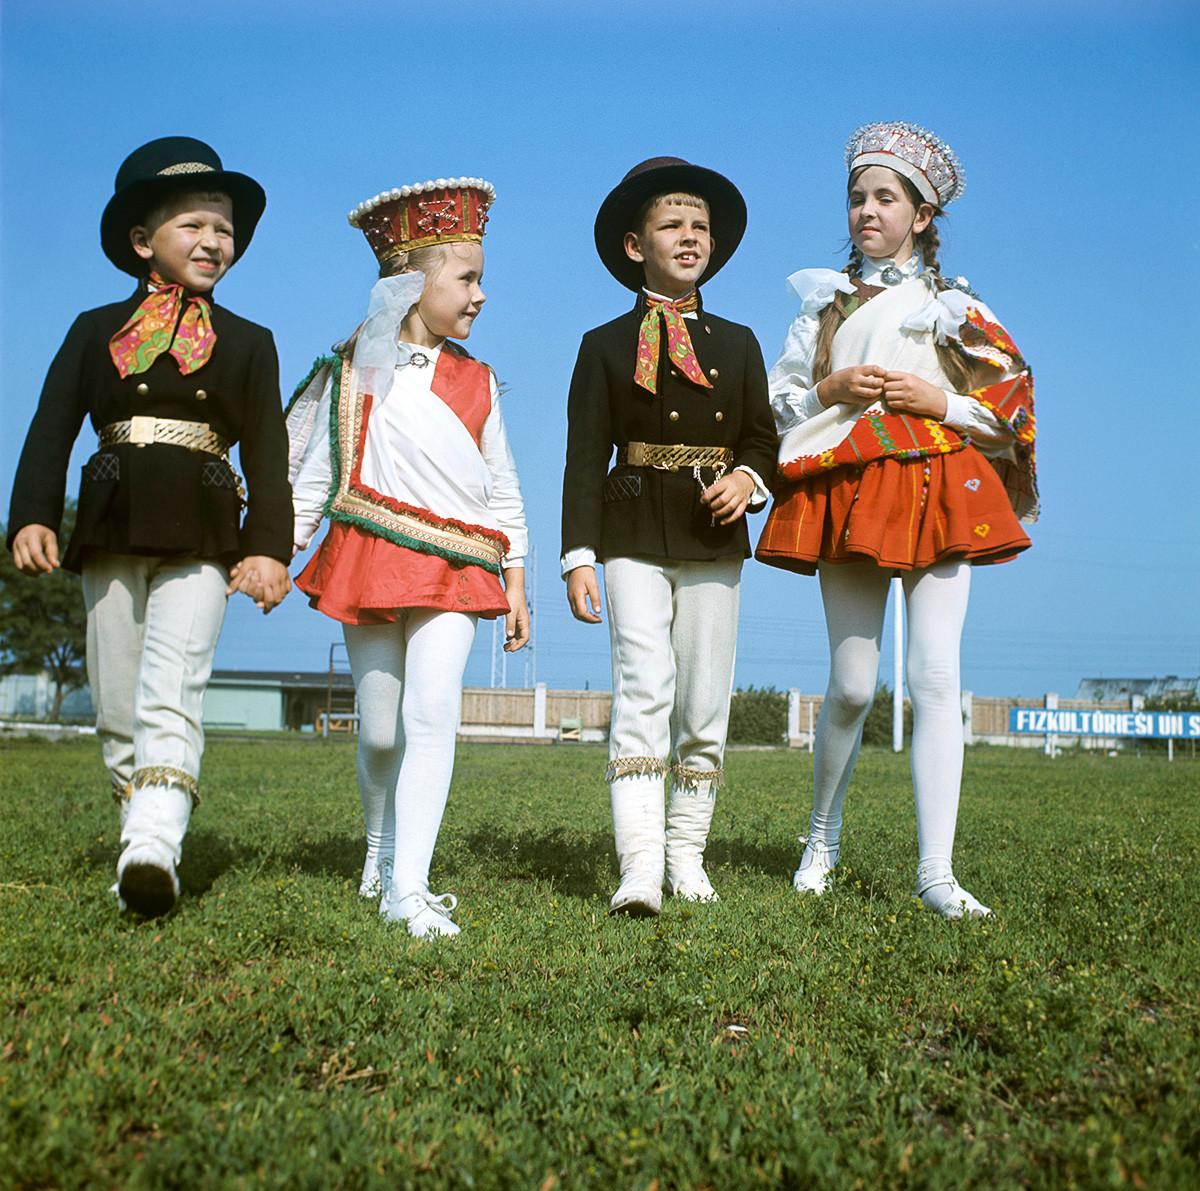 Feiernde auf dem Lied- und Tanzfestival in Riga, 1970